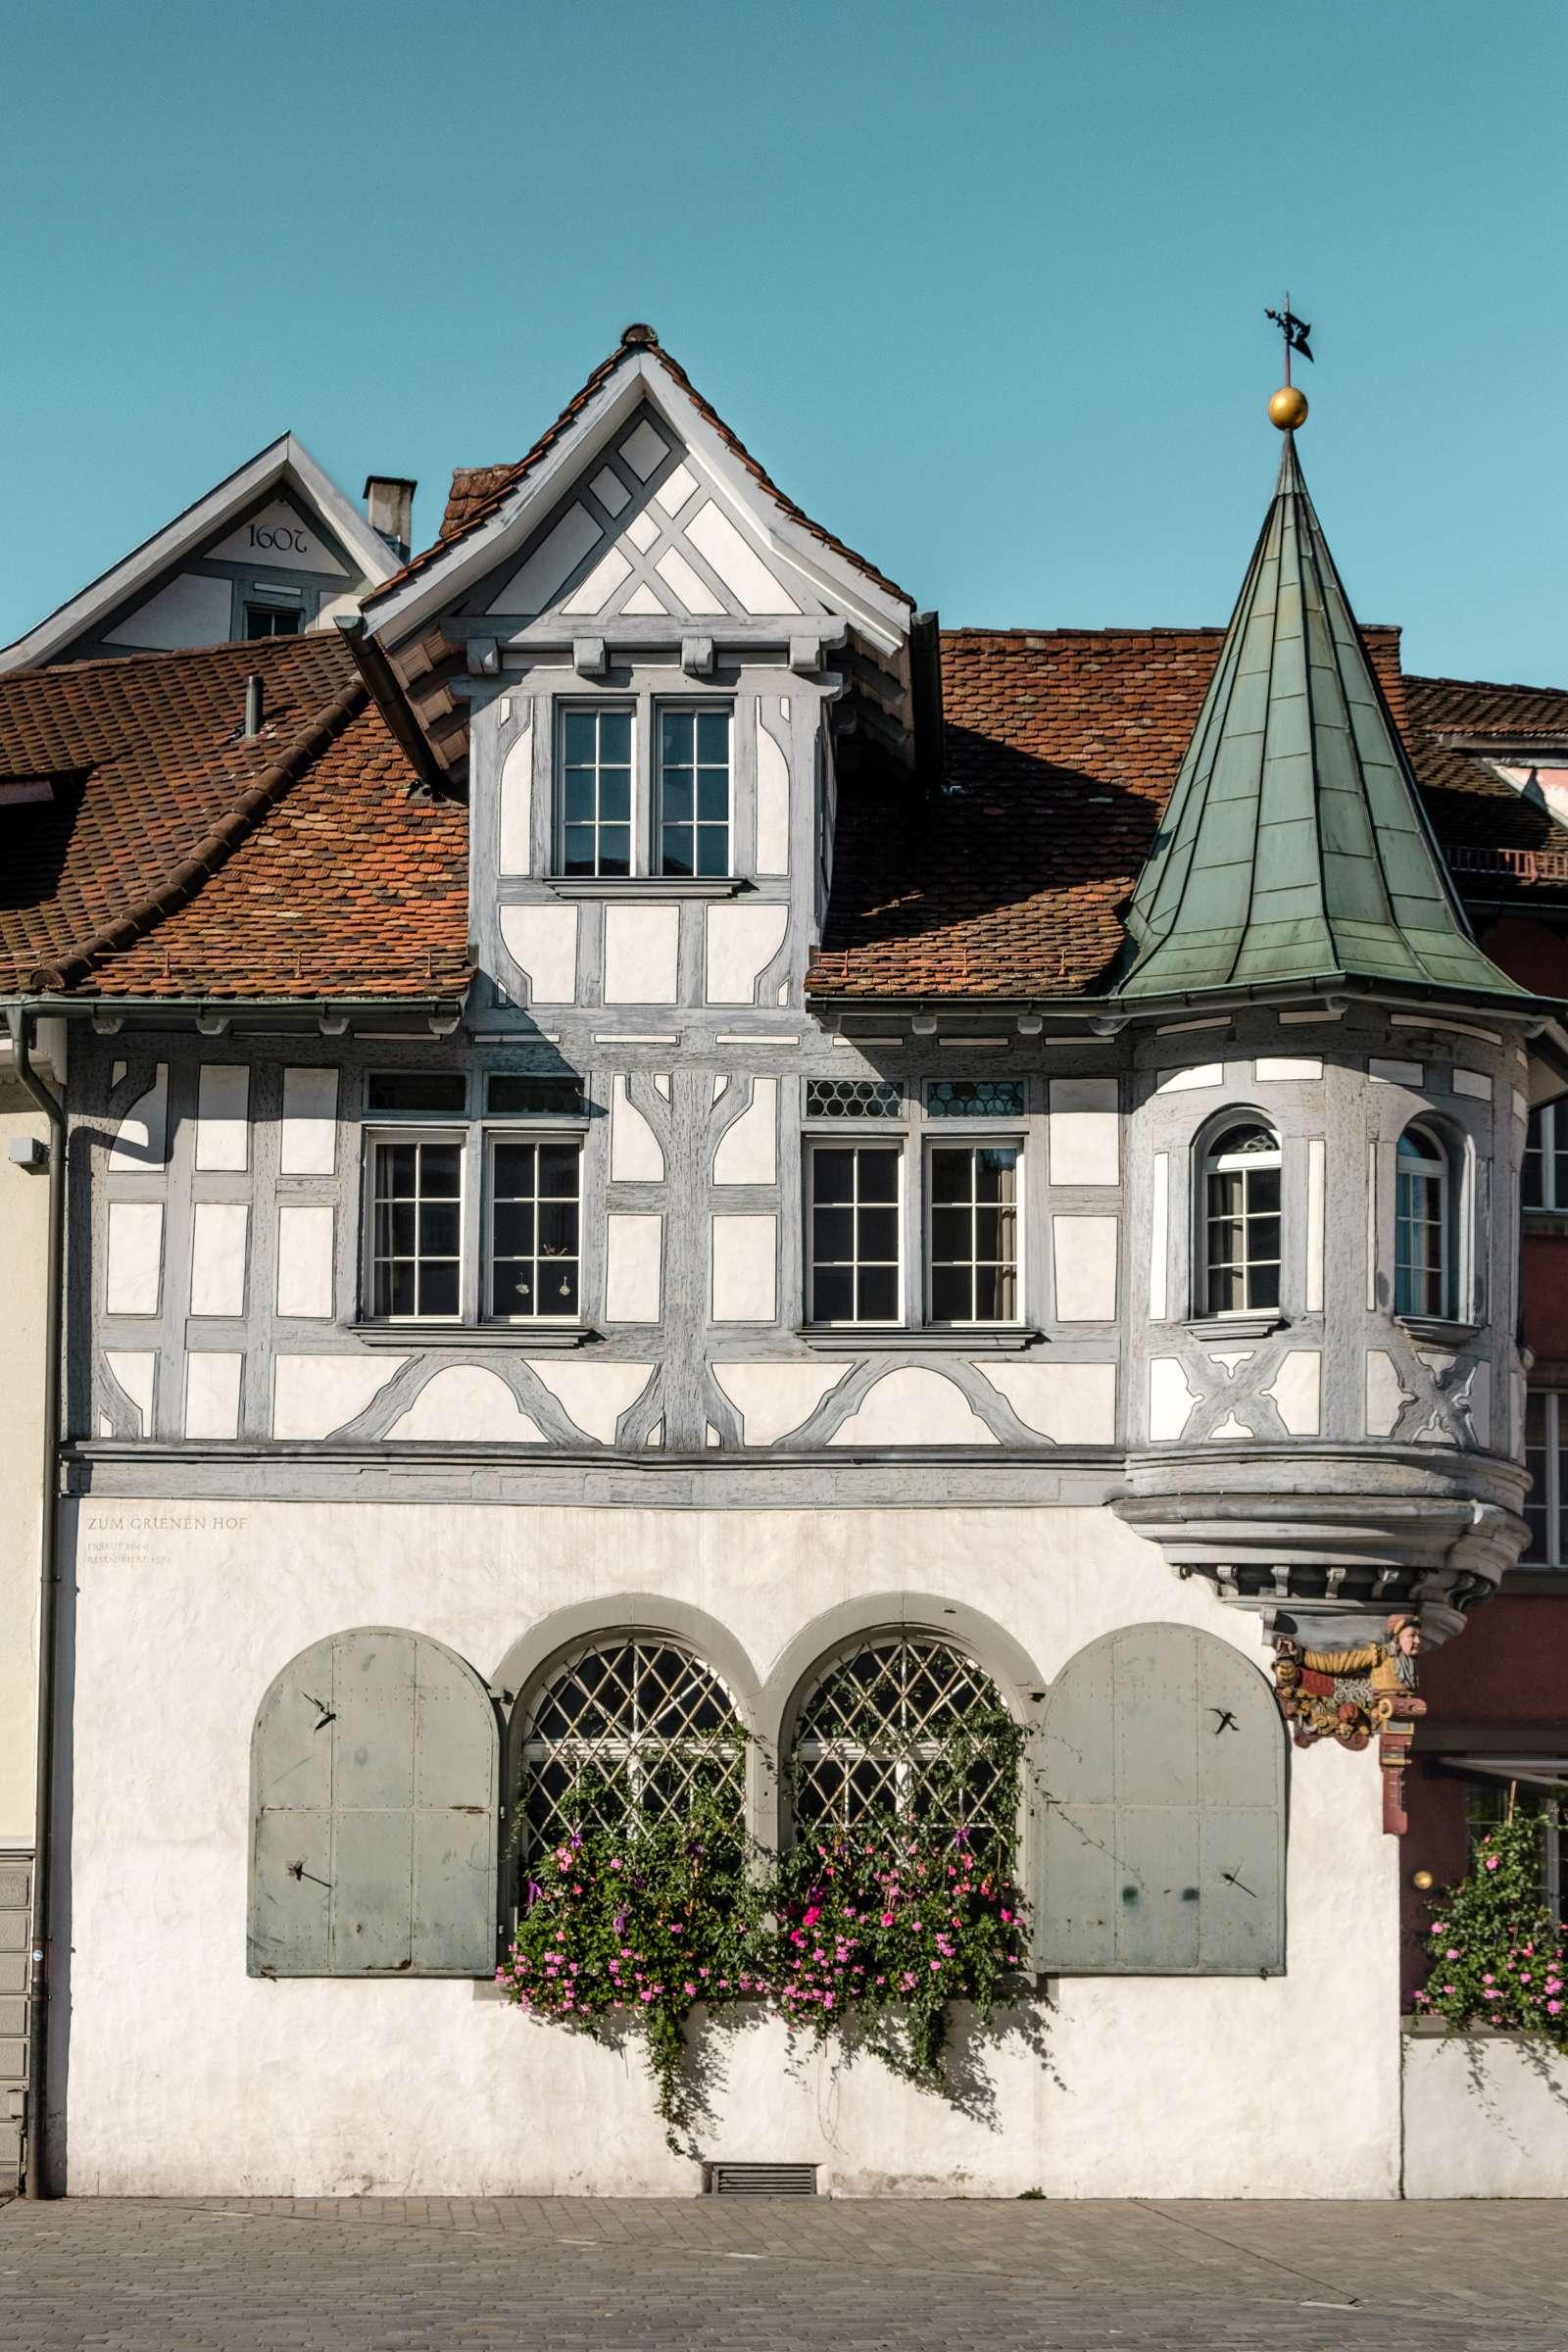 Cute house in St. Gallen